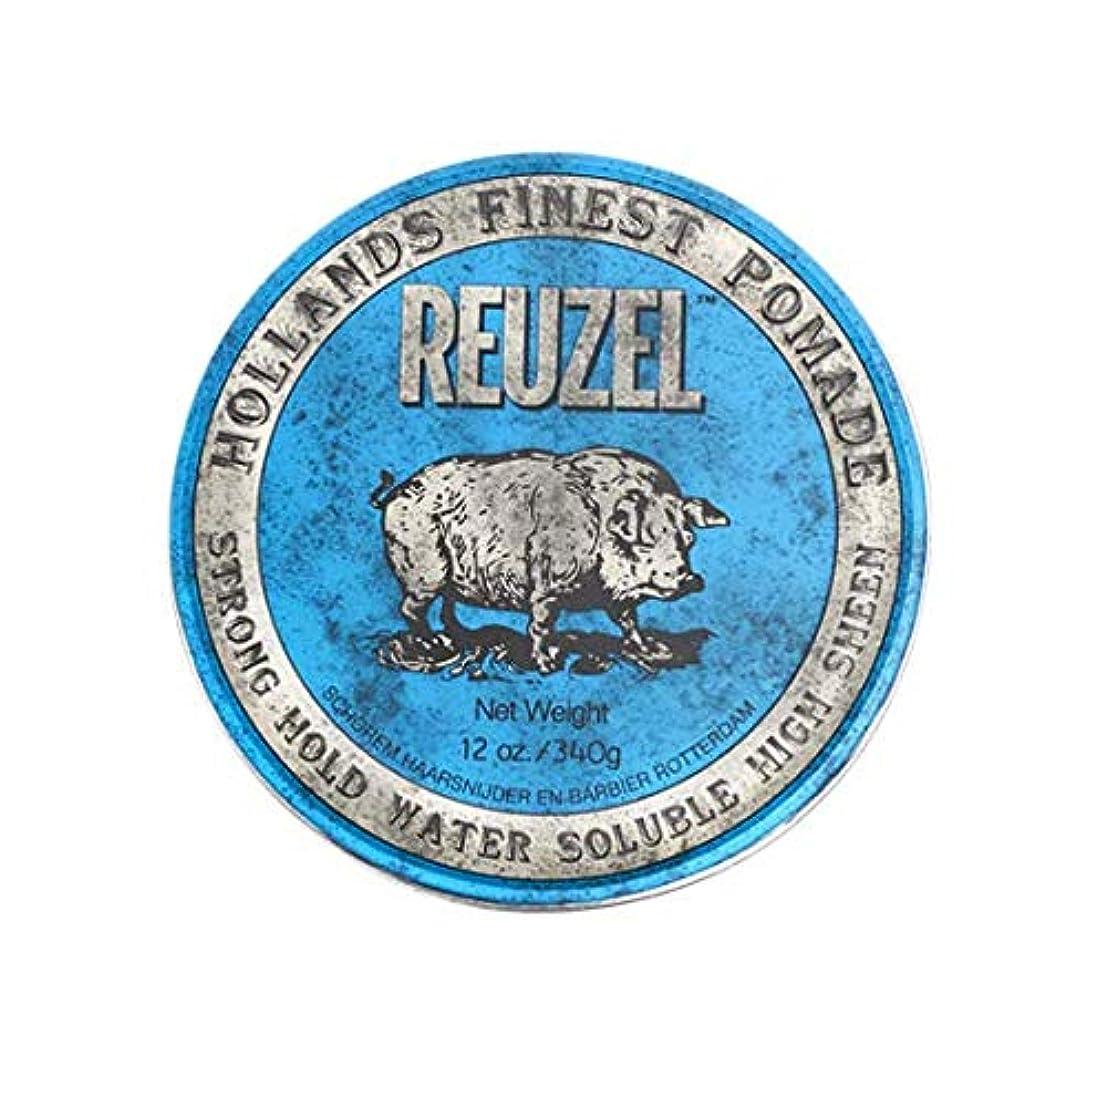 ルーゾー(REUZEL) ストロングホールド ブルー HIGH SHINE 340g